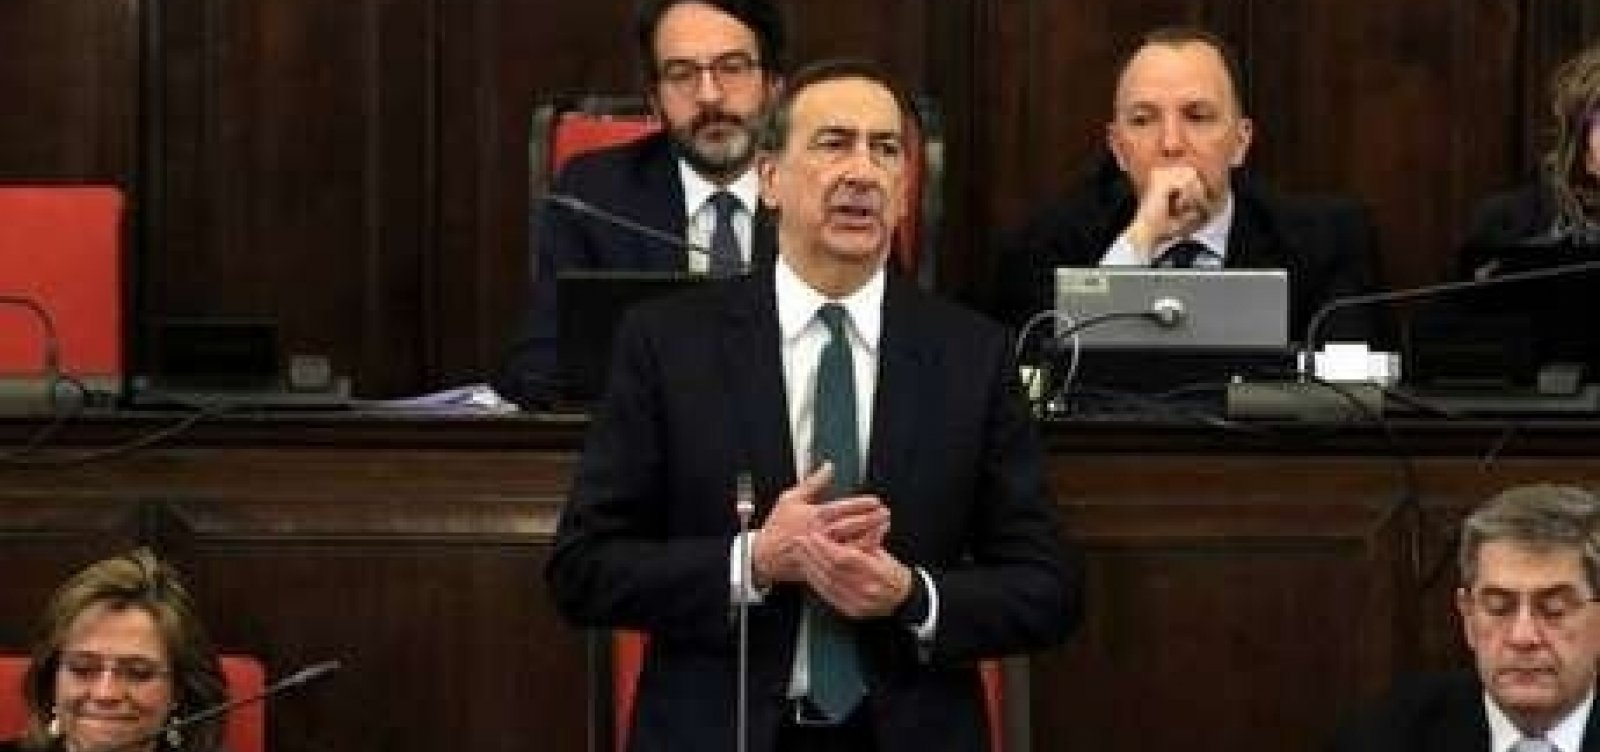 Prefeito de Milão admite erro em campanha anti-isolamento; cidade tem 4,4 mil mortos